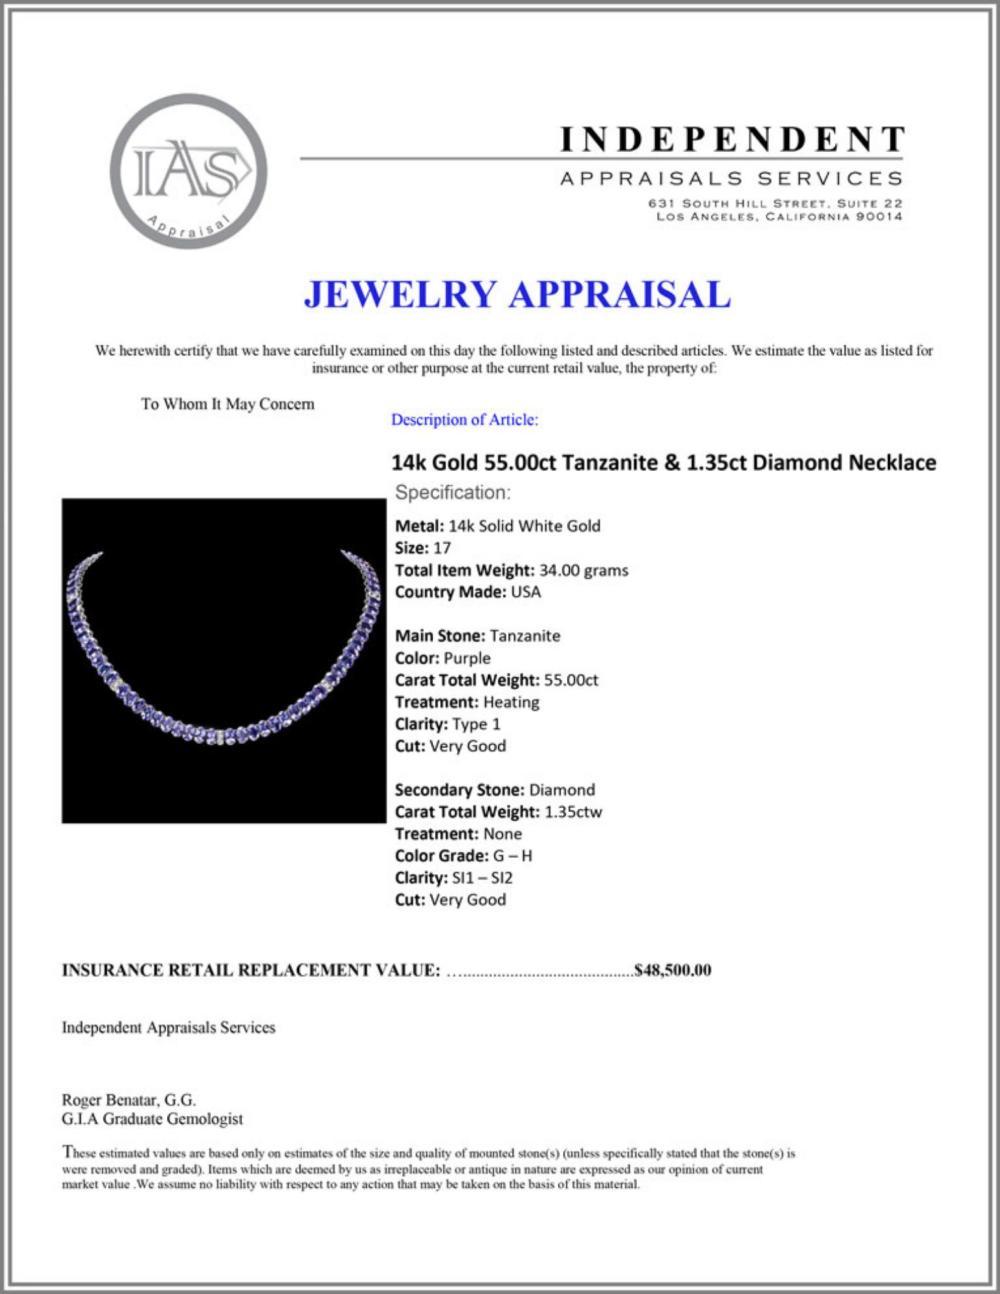 Lot 188: `14k Gold 55.00ct Tanzanite & 1.35ct Diamond Neckl